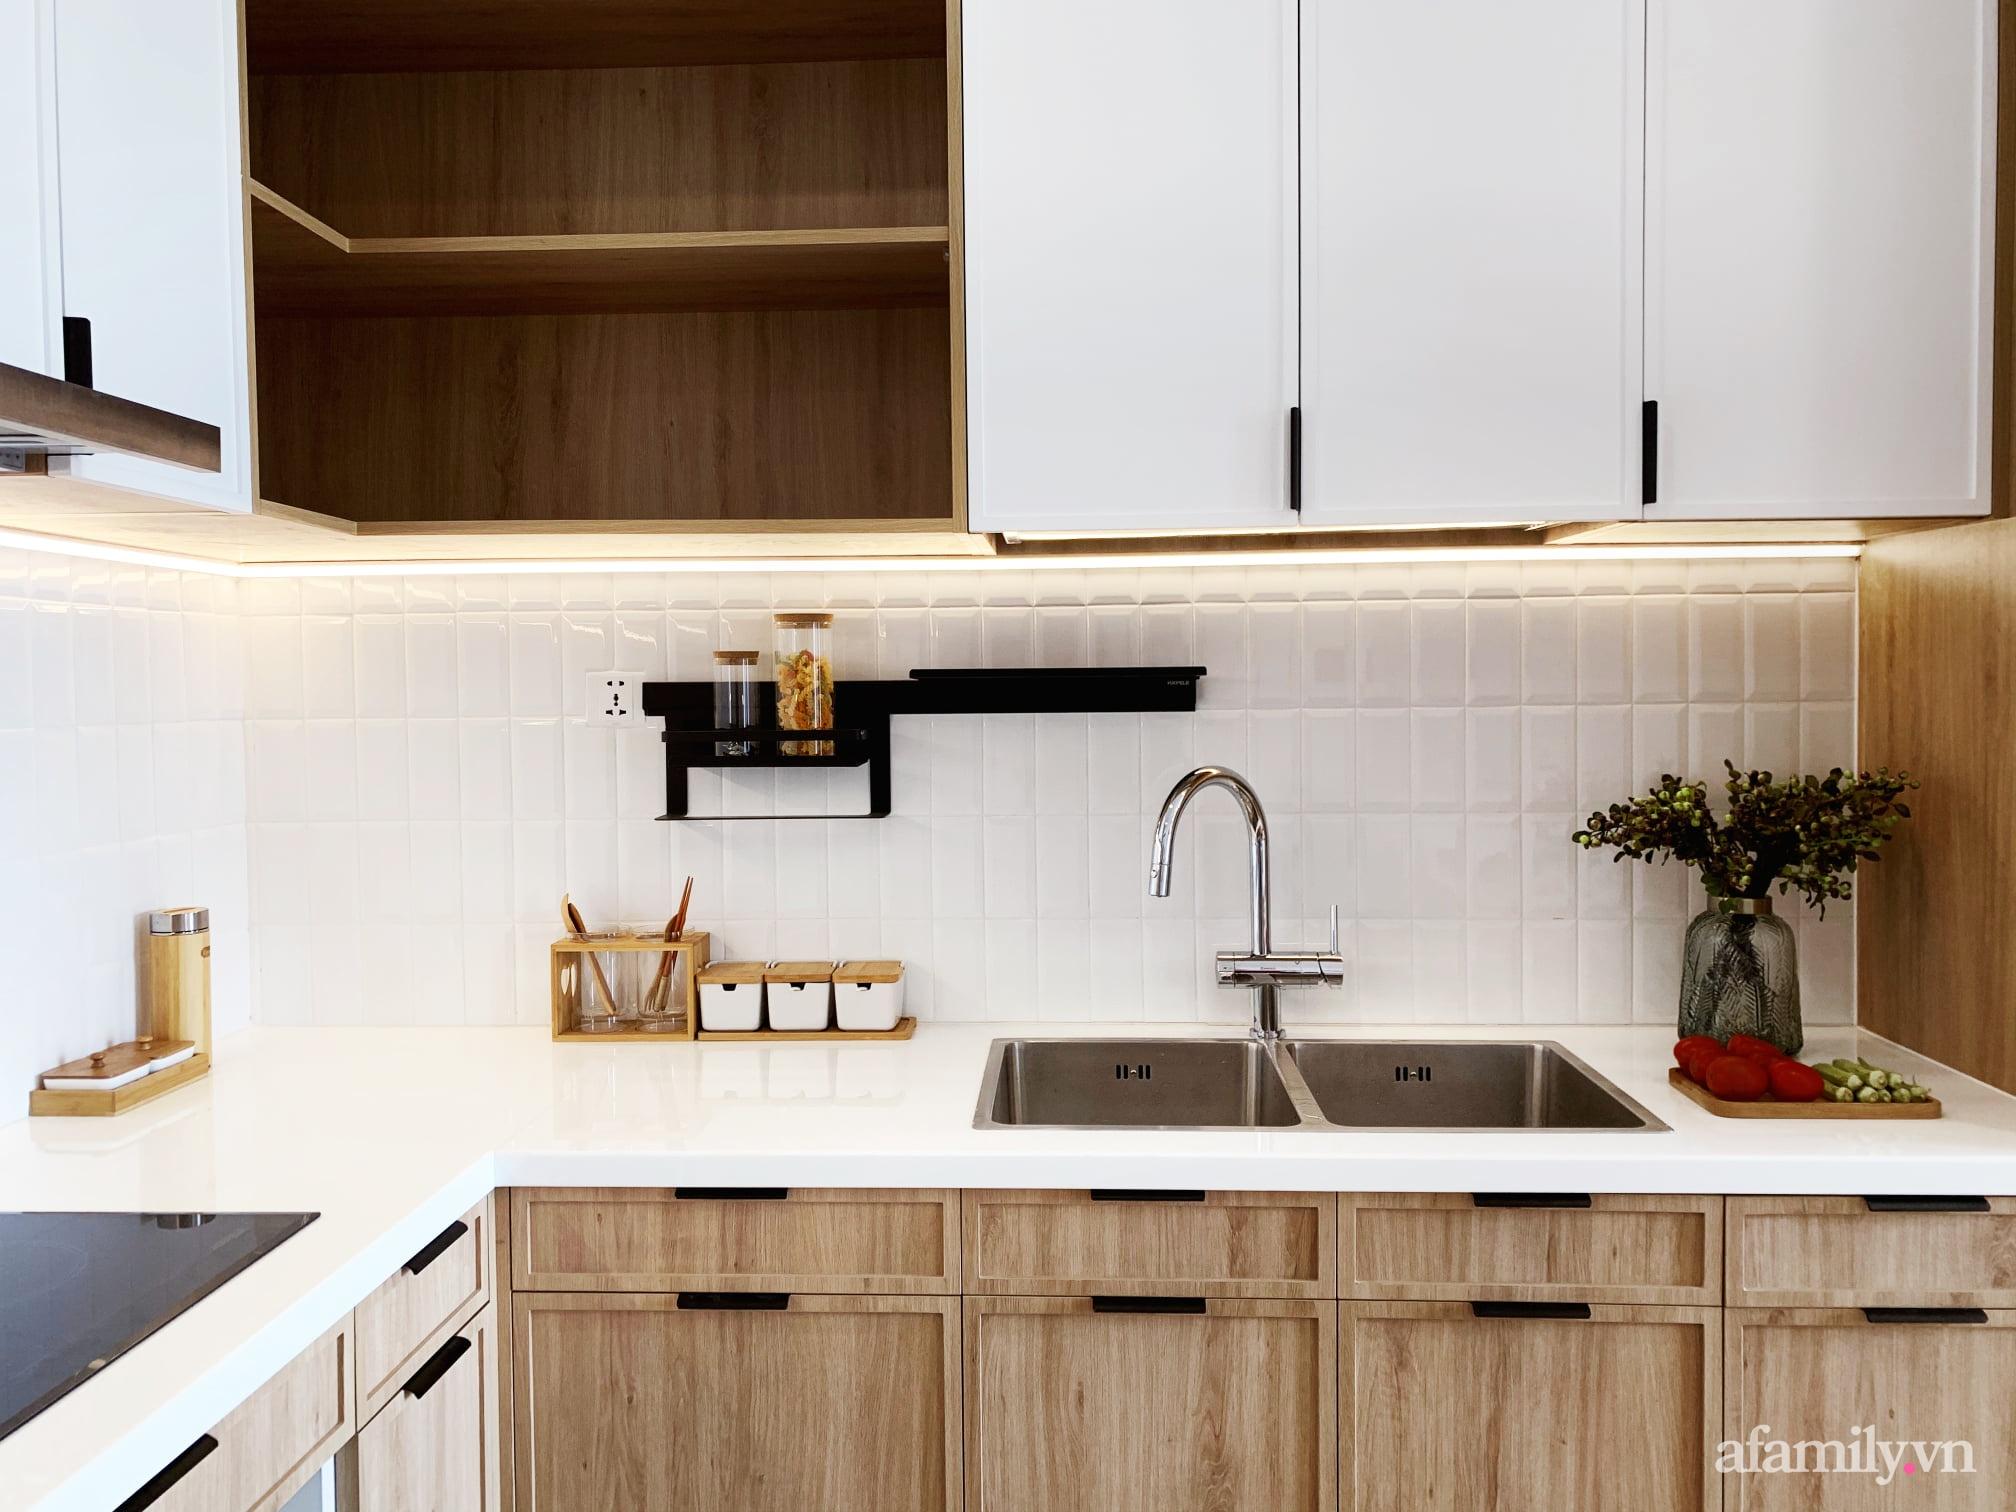 Căn hộ 72m² cực ít đồ đạc vẫn đẹp tinh tế và tiện dụng nhờ thiết kế nội thất thông minh ở Sài Gòn - Ảnh 5.